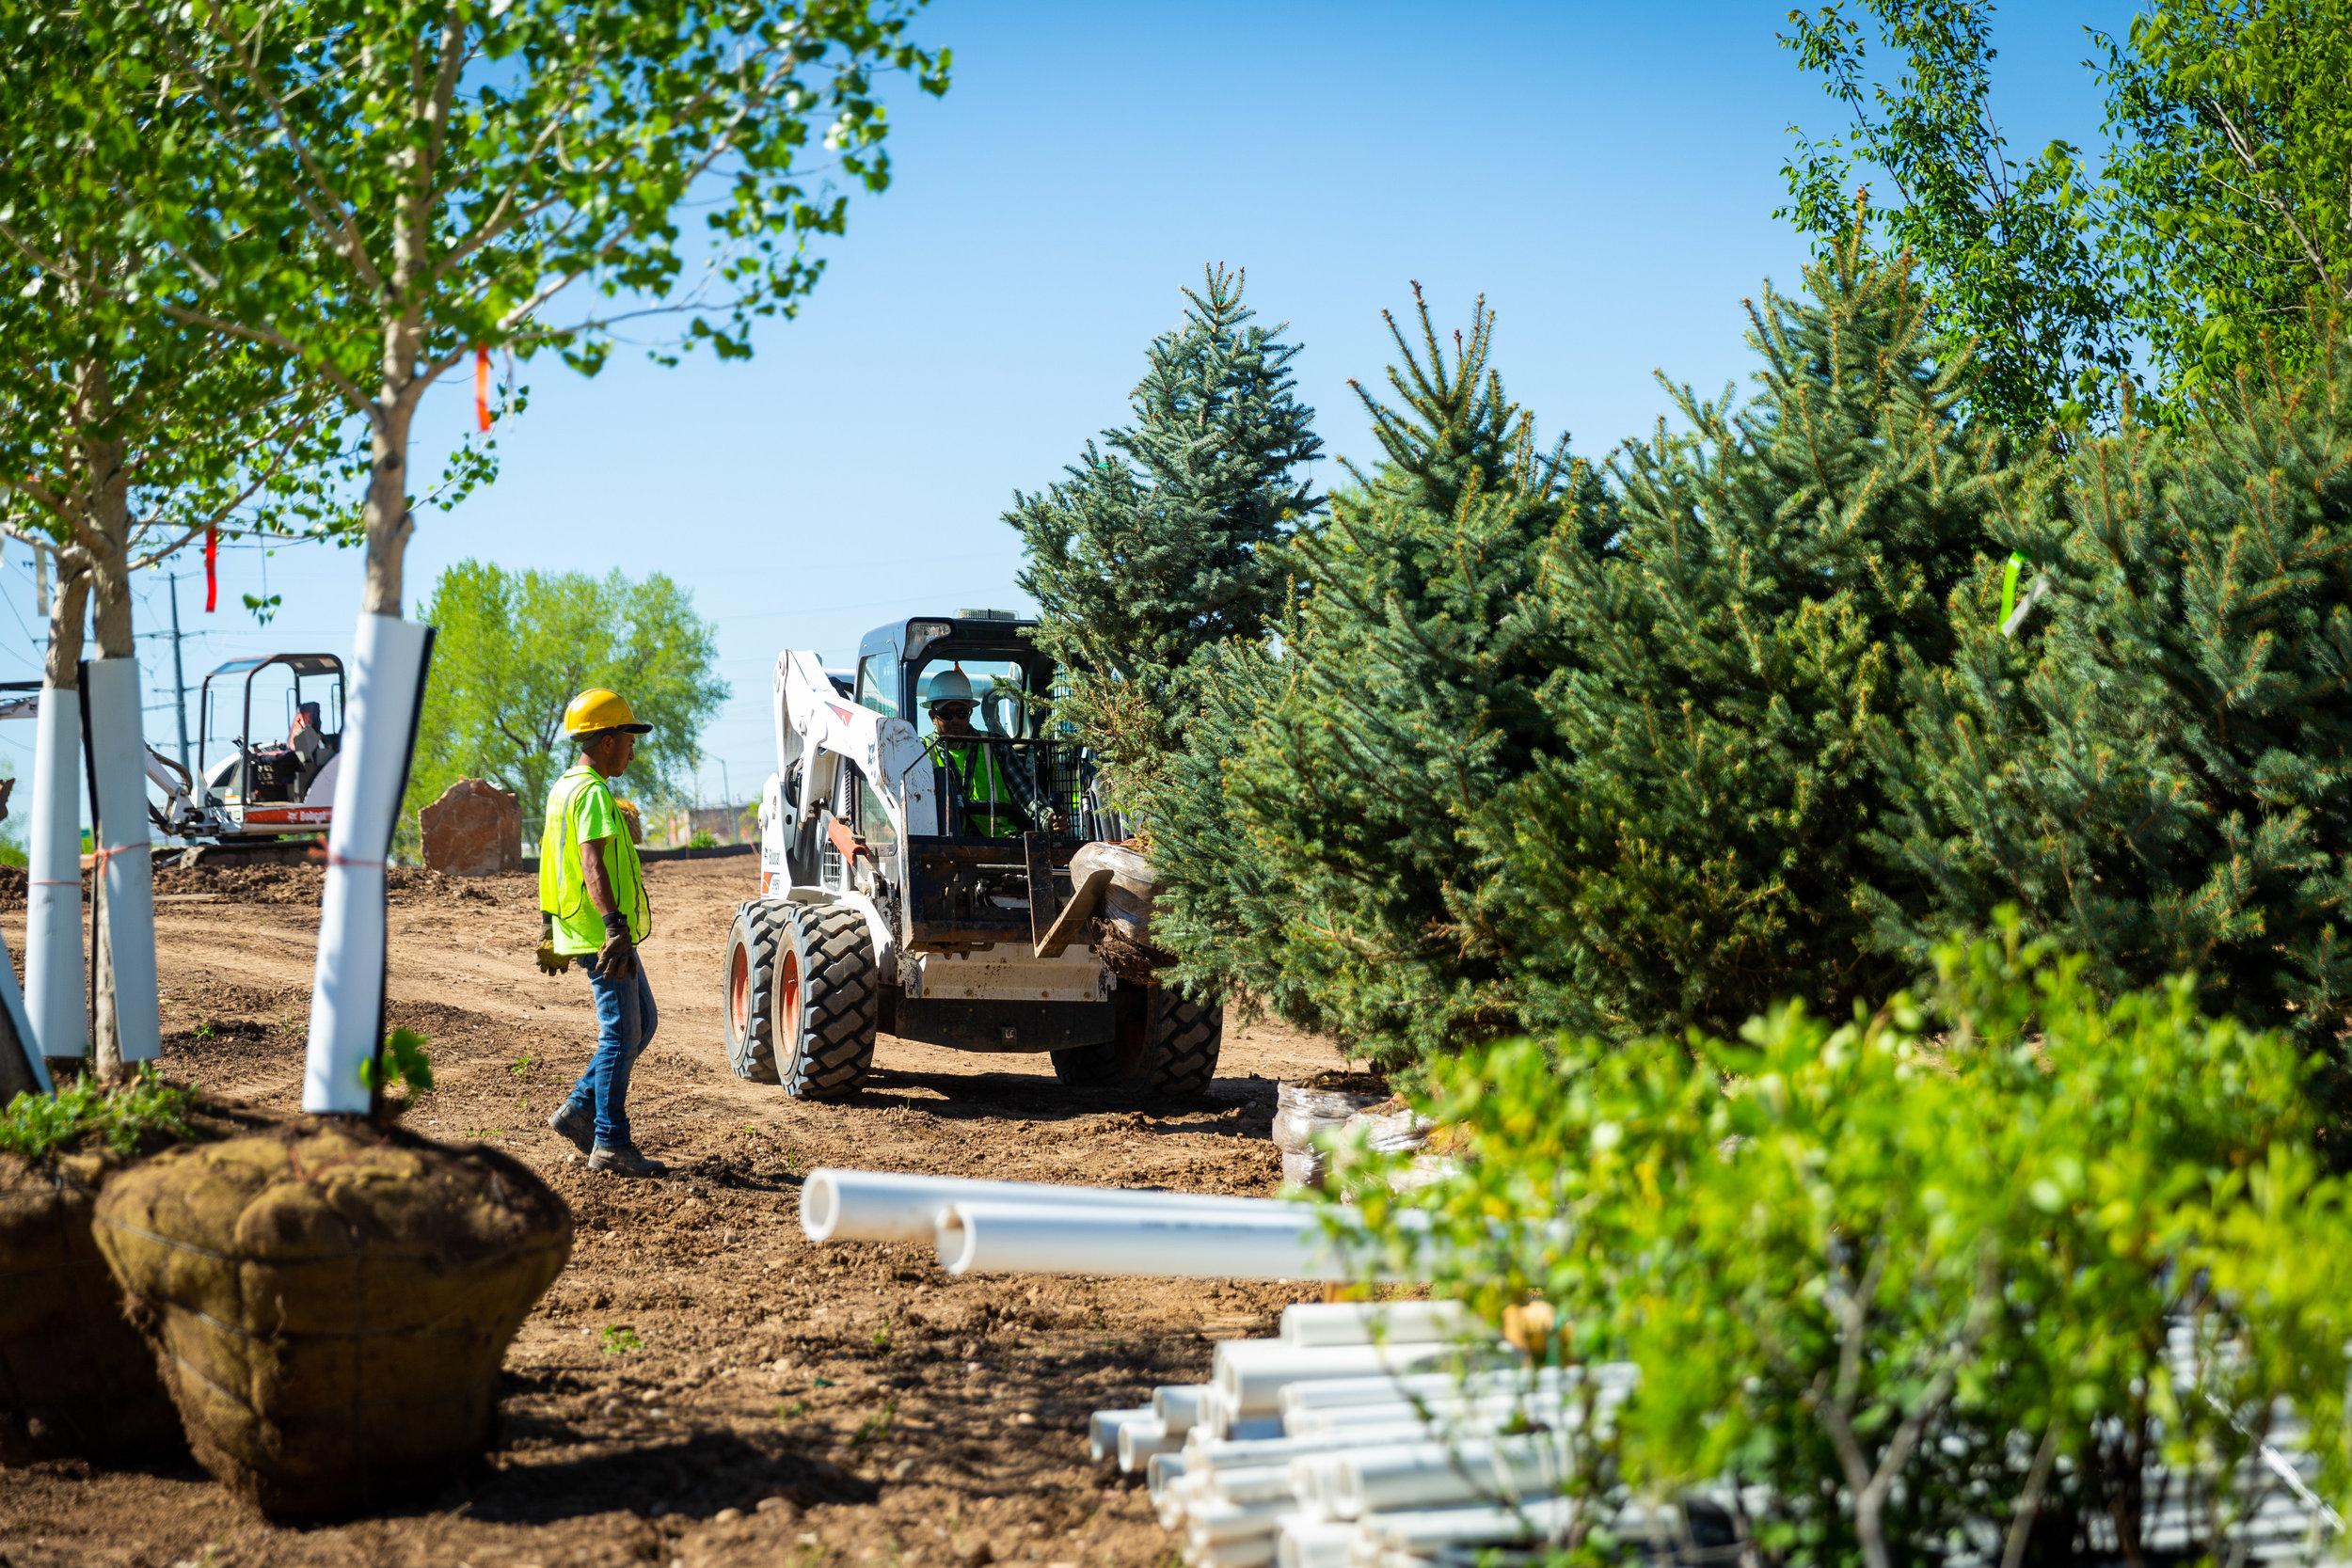 Zak George Landscaping - Commercial Landscape Design & Install-15.jpg